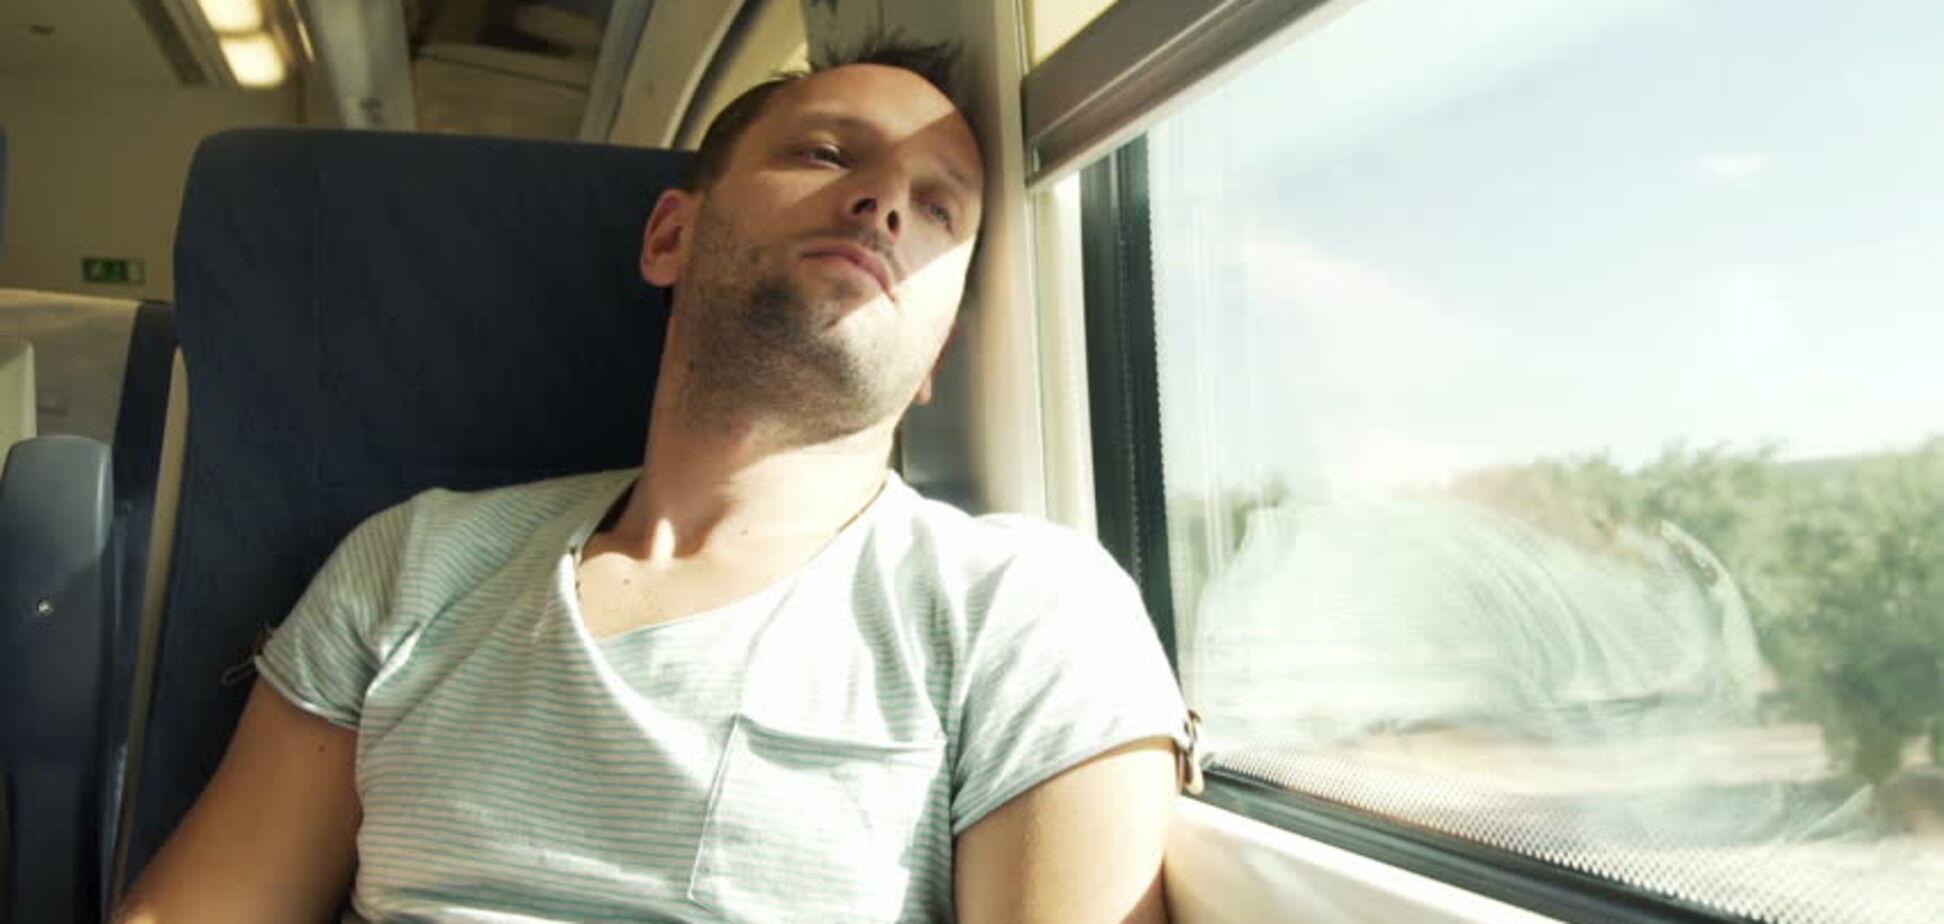 'Воняет каким-то ядом': пассажиров напугали новшества в поезде 'Укрзалізниці'